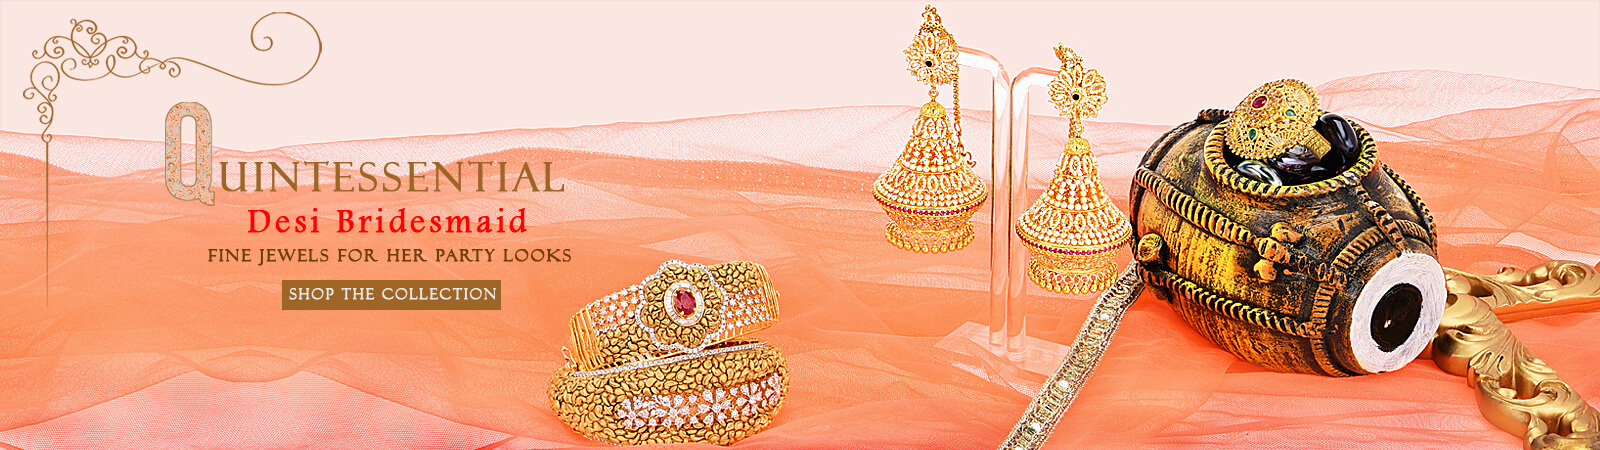 Shop online: 22K Gold & Diamond Jewelry | Raj Jewels